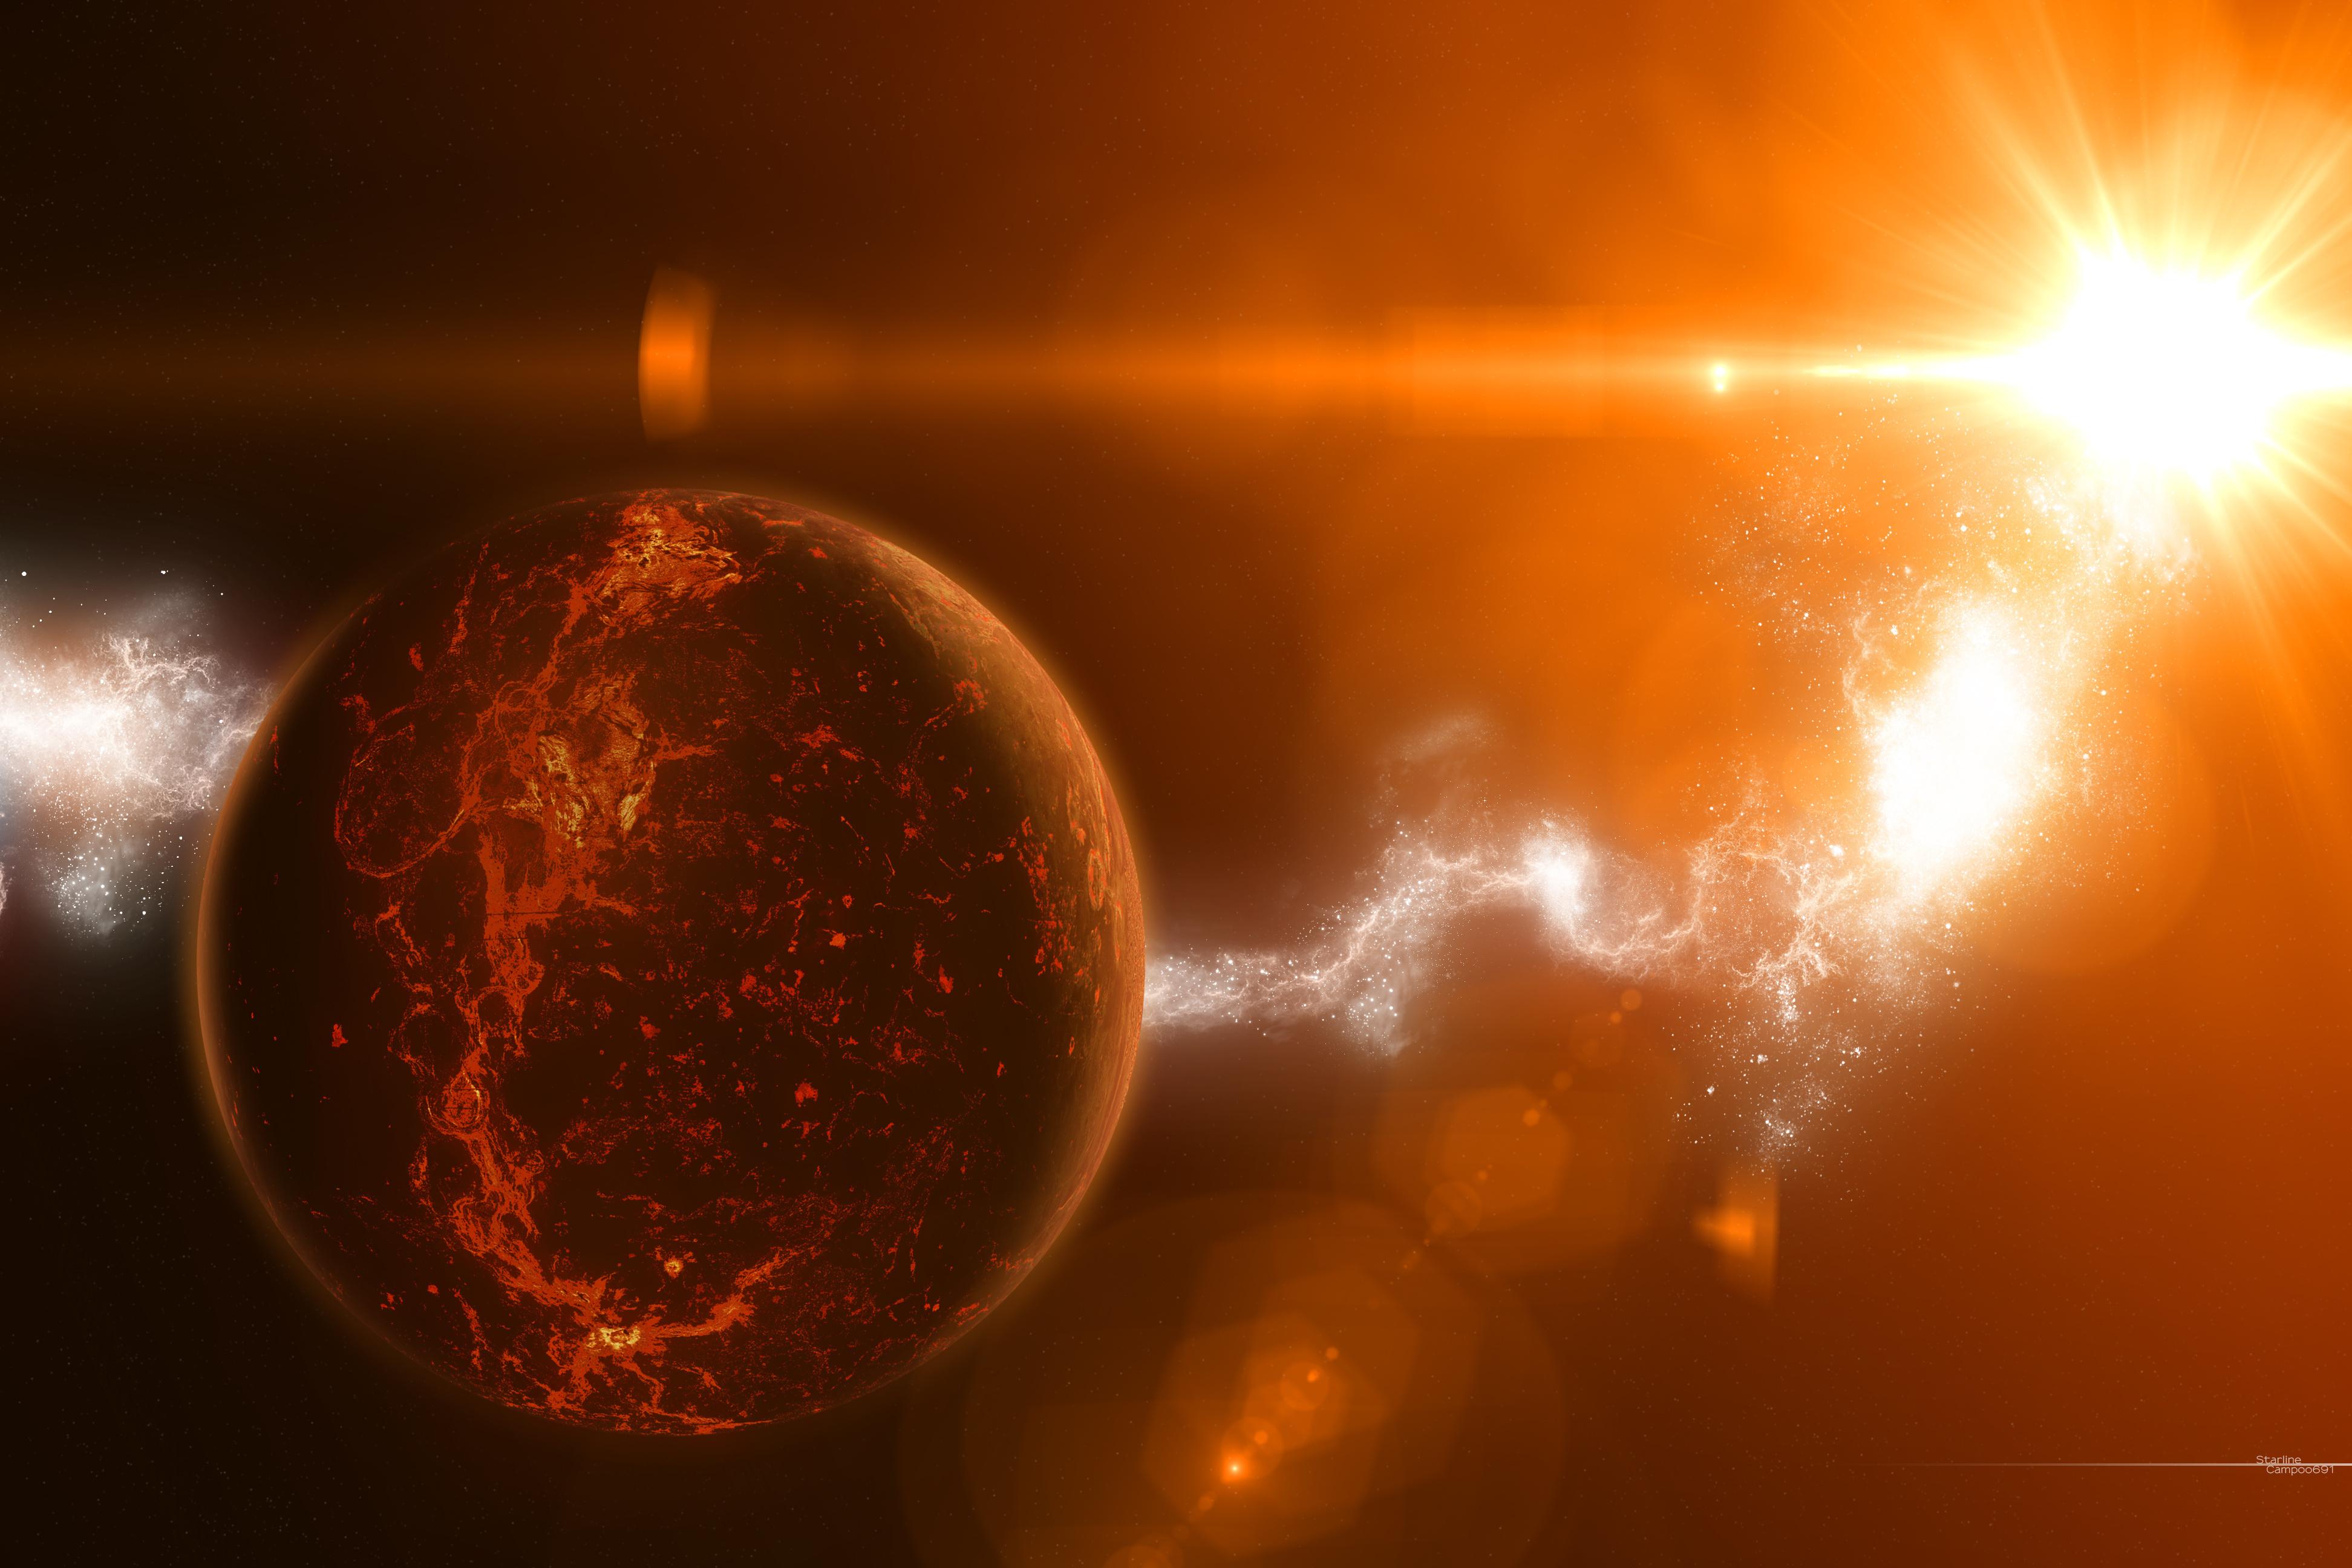 звезда, свет, планета, Star, излучение, температура